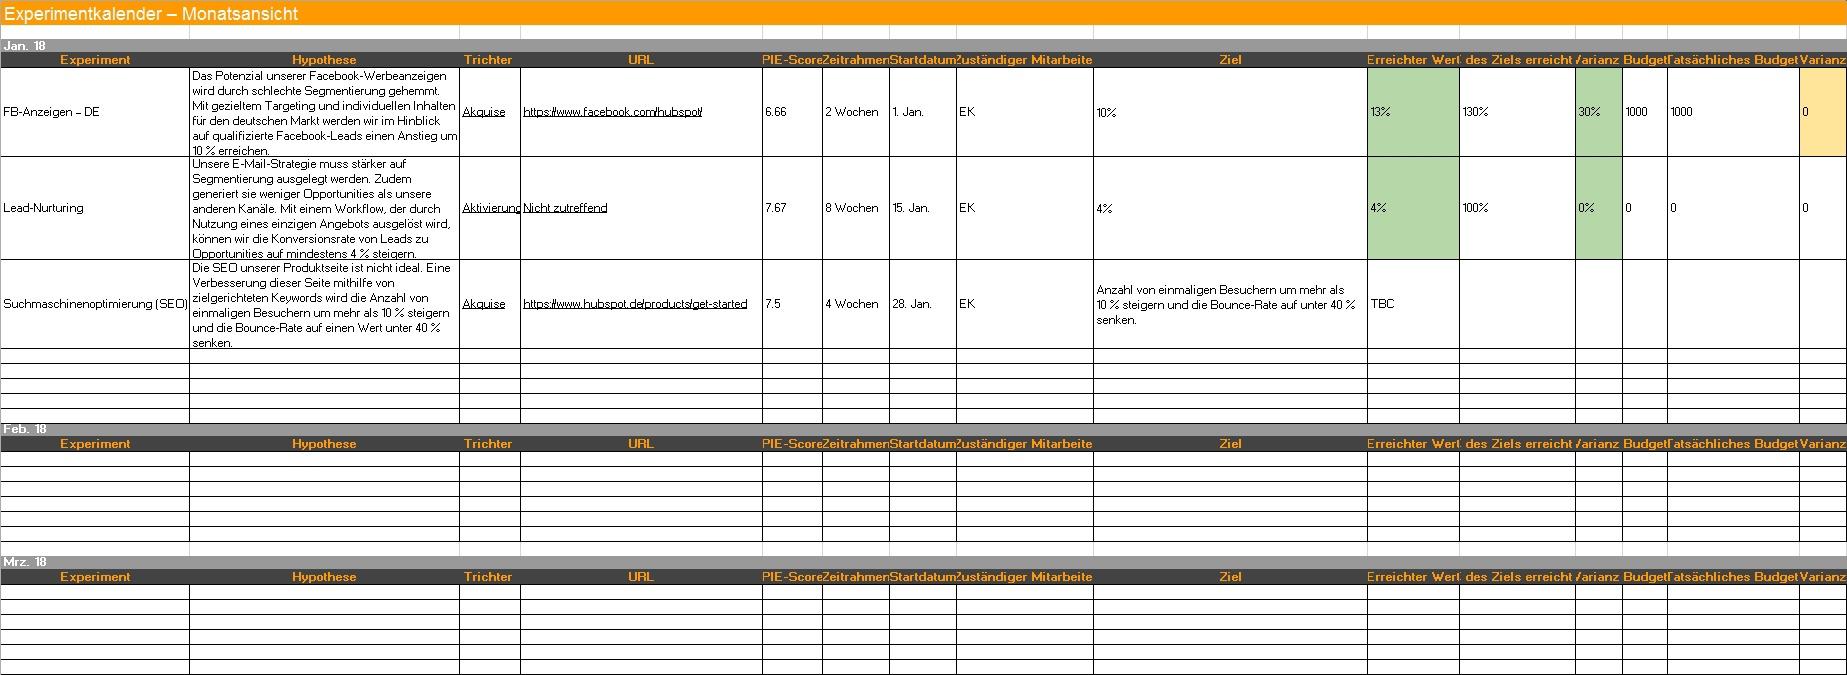 HubSpot - Marketingexperiment-Vorlagen - Beispielbild 1